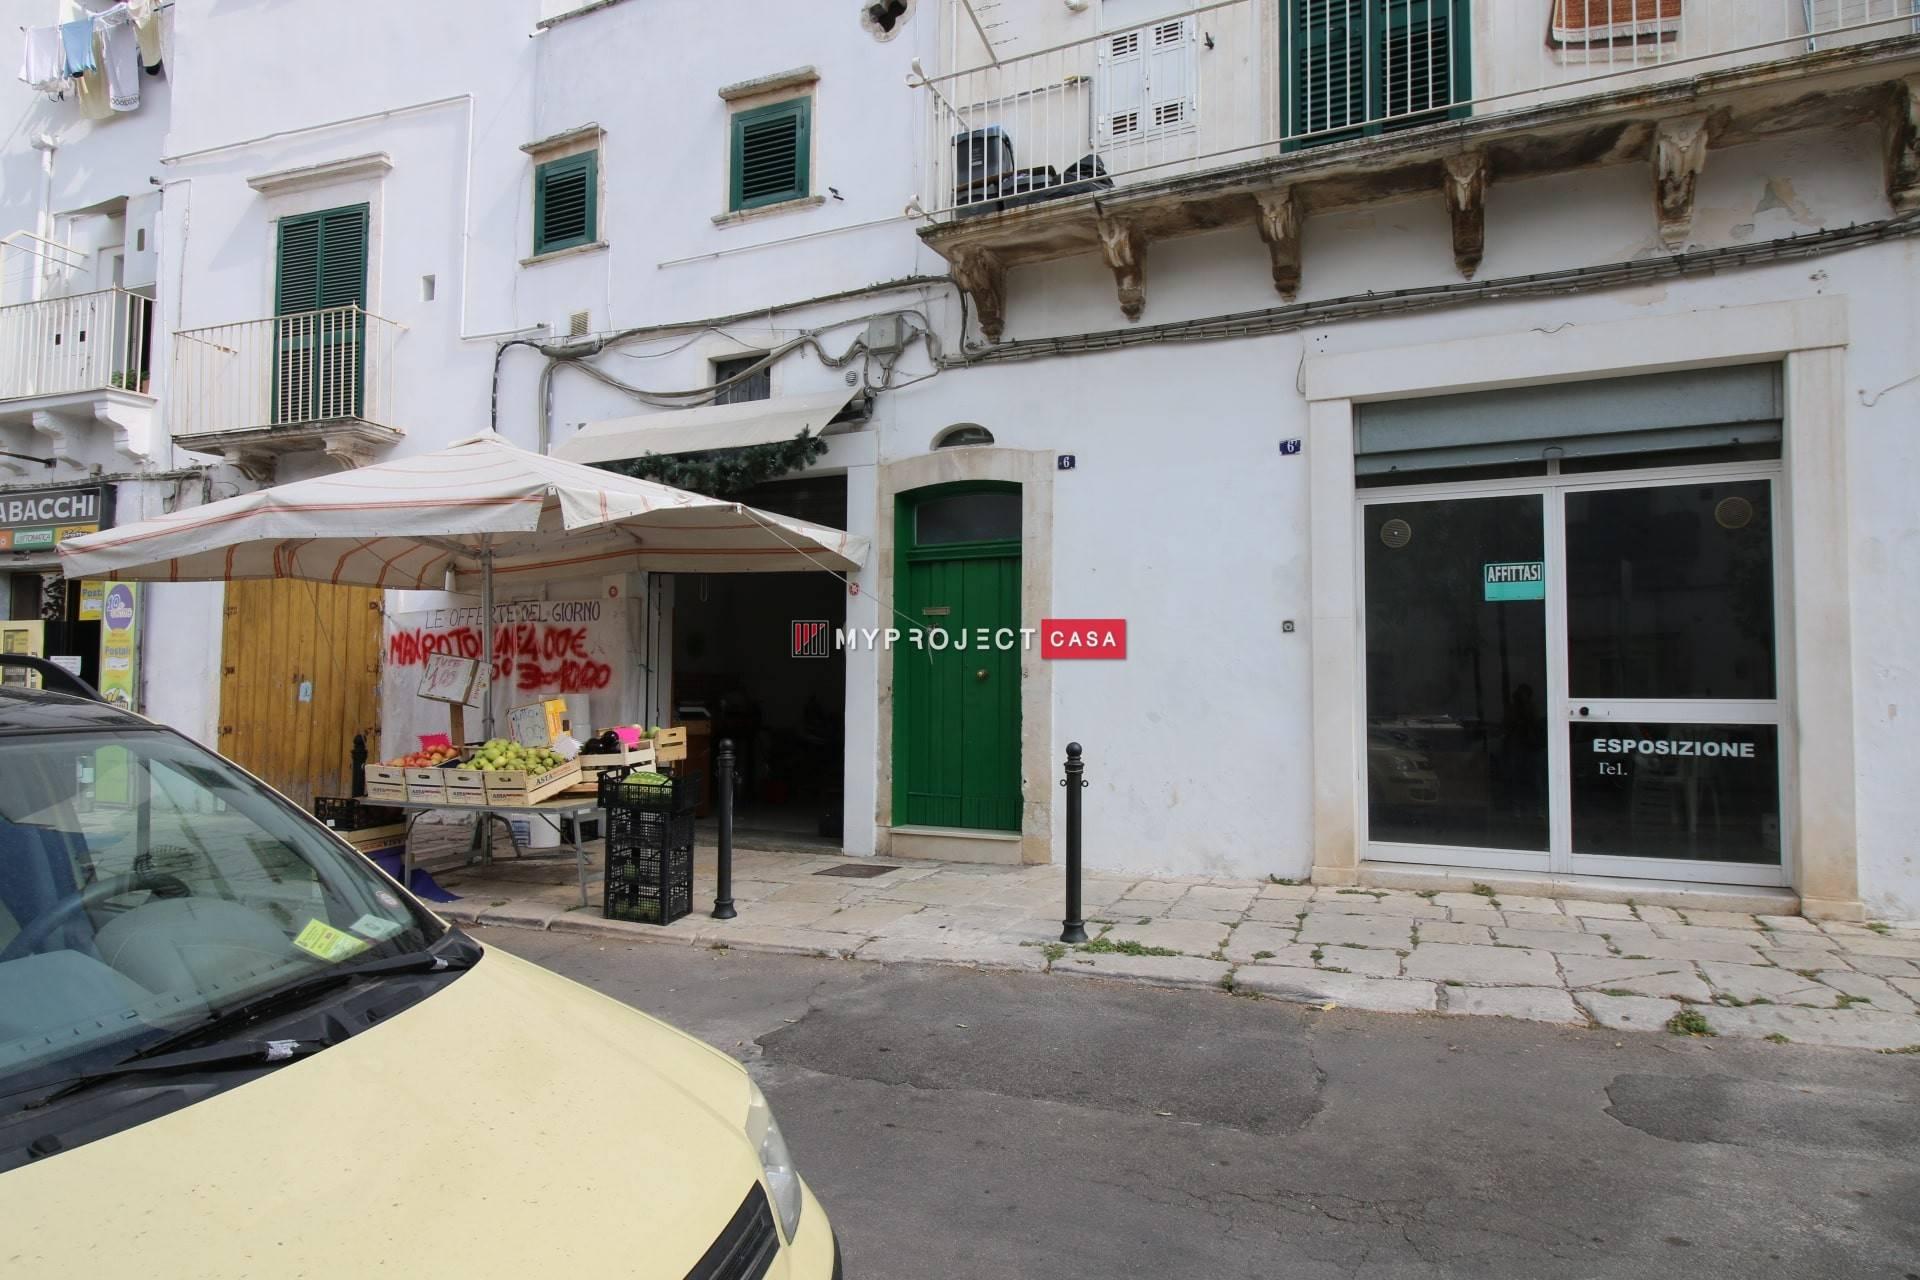 Appartamento in vendita a Martina Franca, 3 locali, zona Località: CENTRO STORICO, prezzo € 110.000 | PortaleAgenzieImmobiliari.it